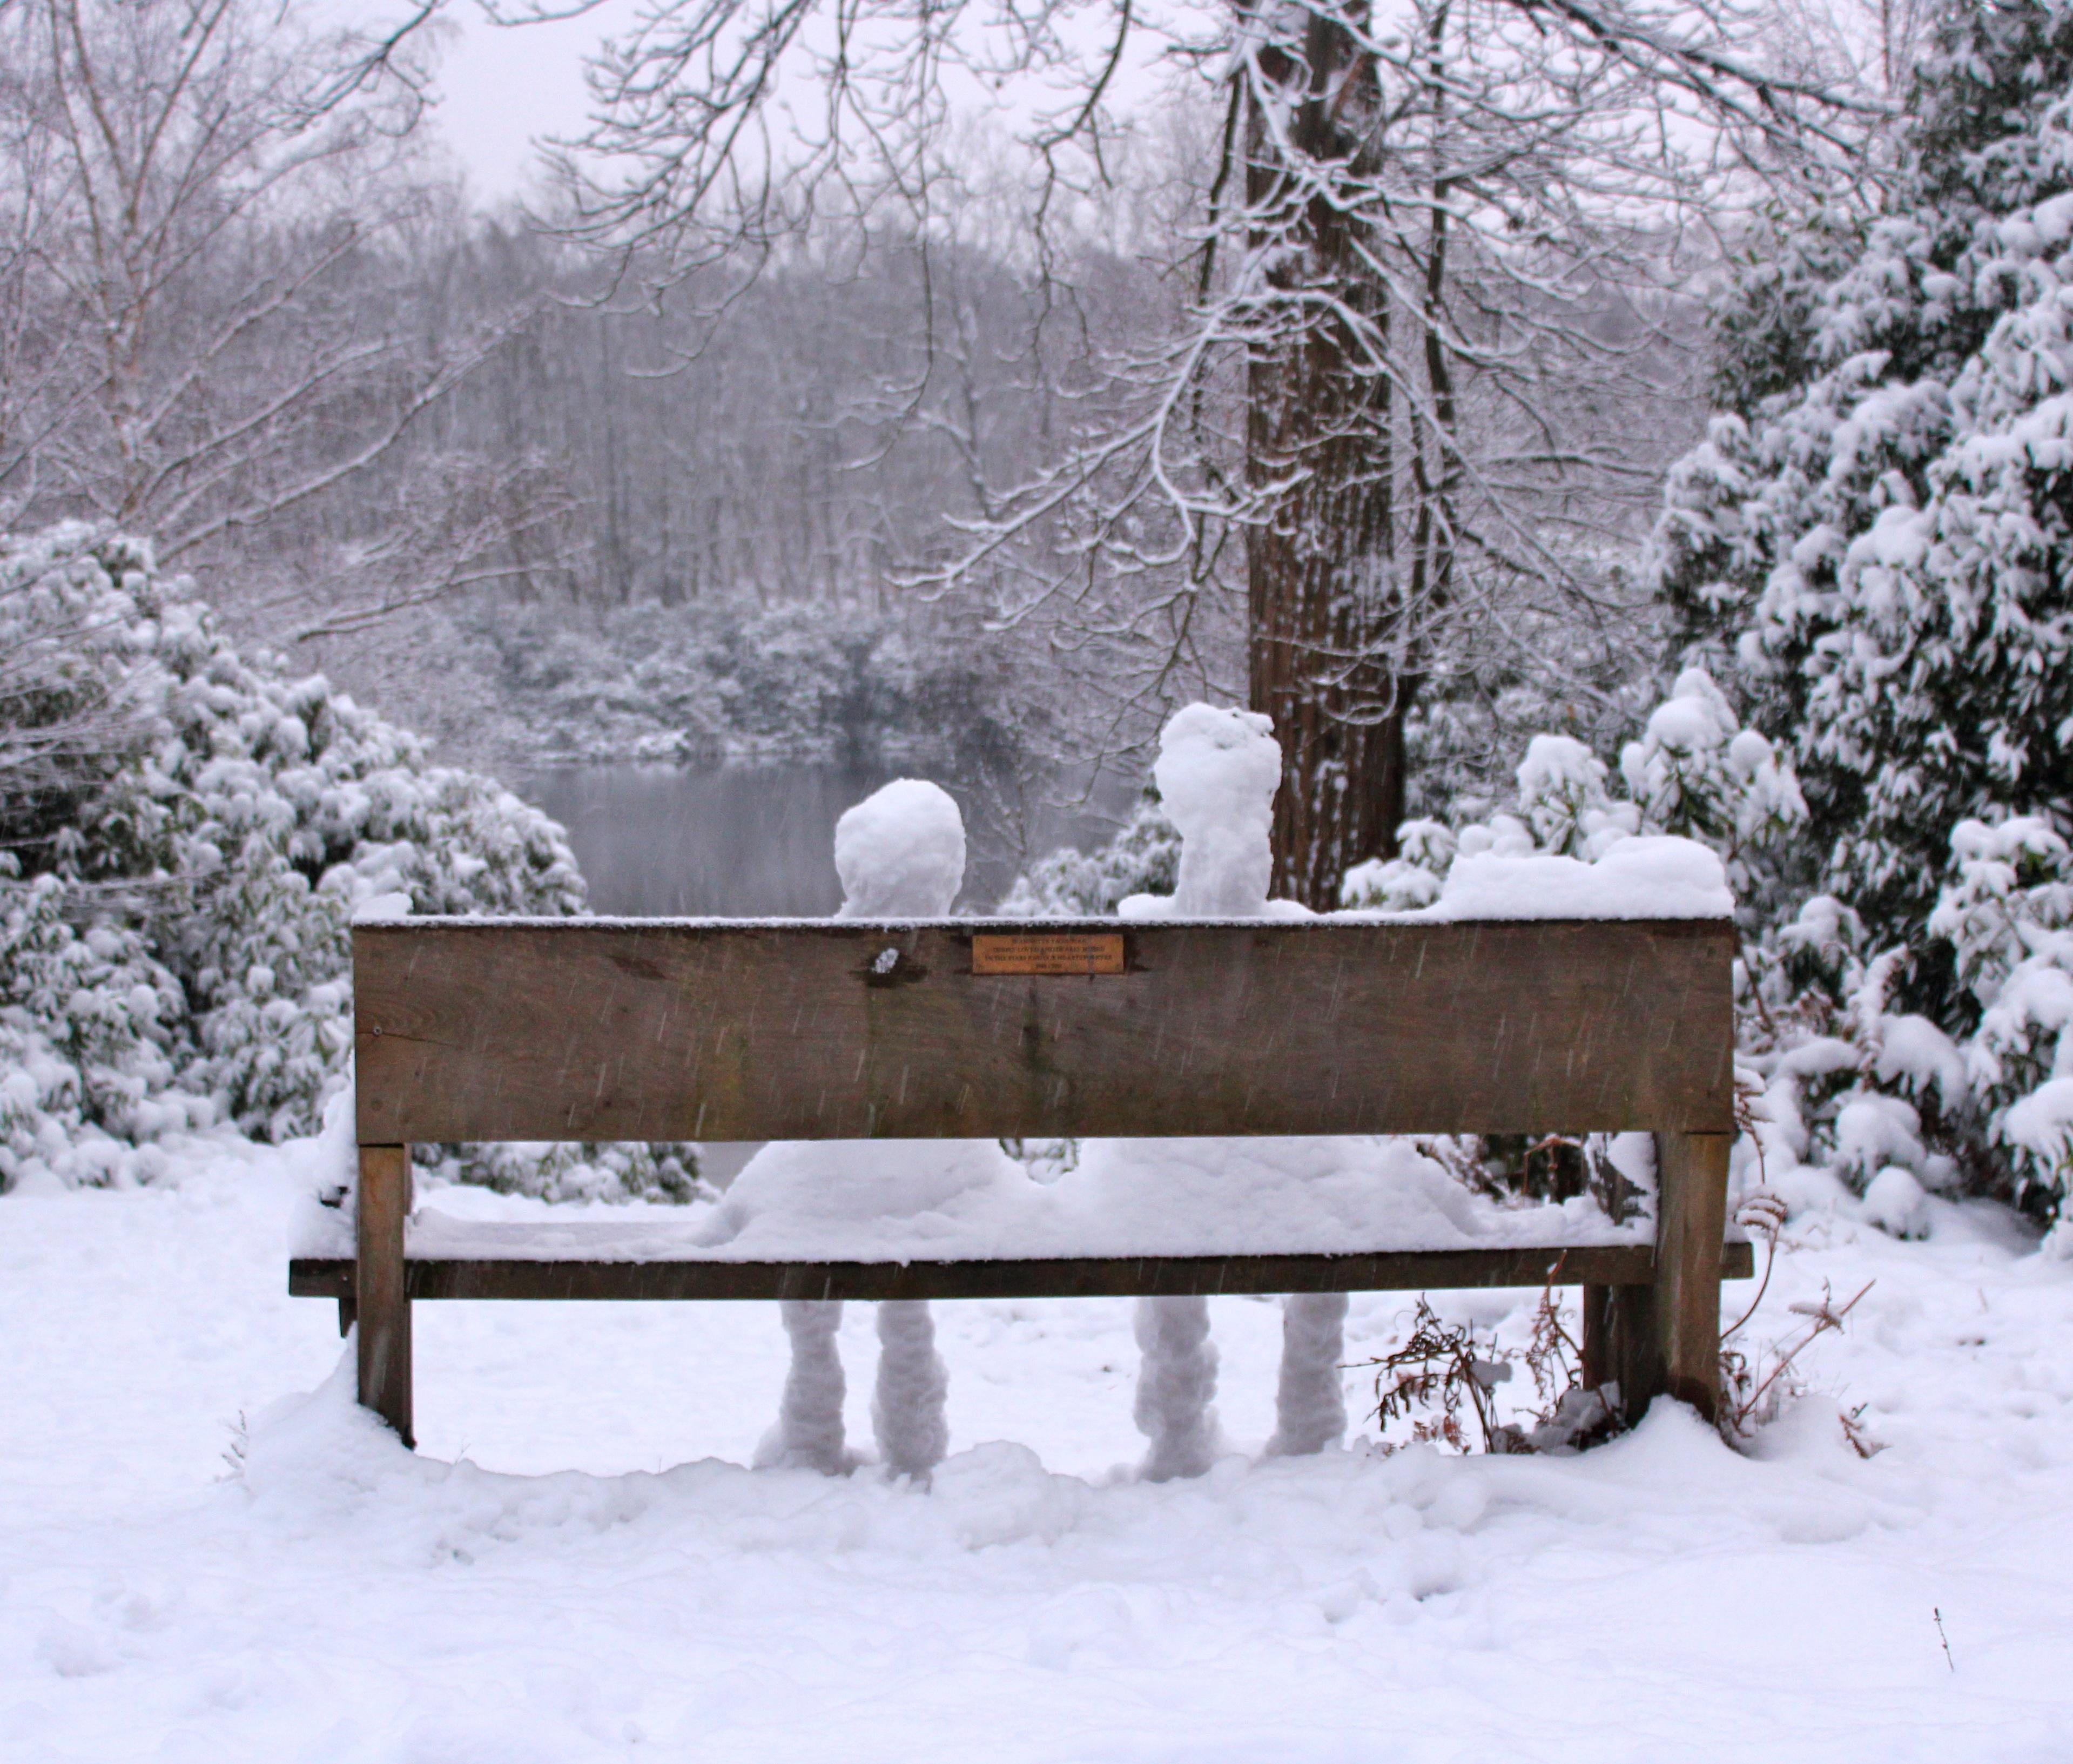 a snowy romance